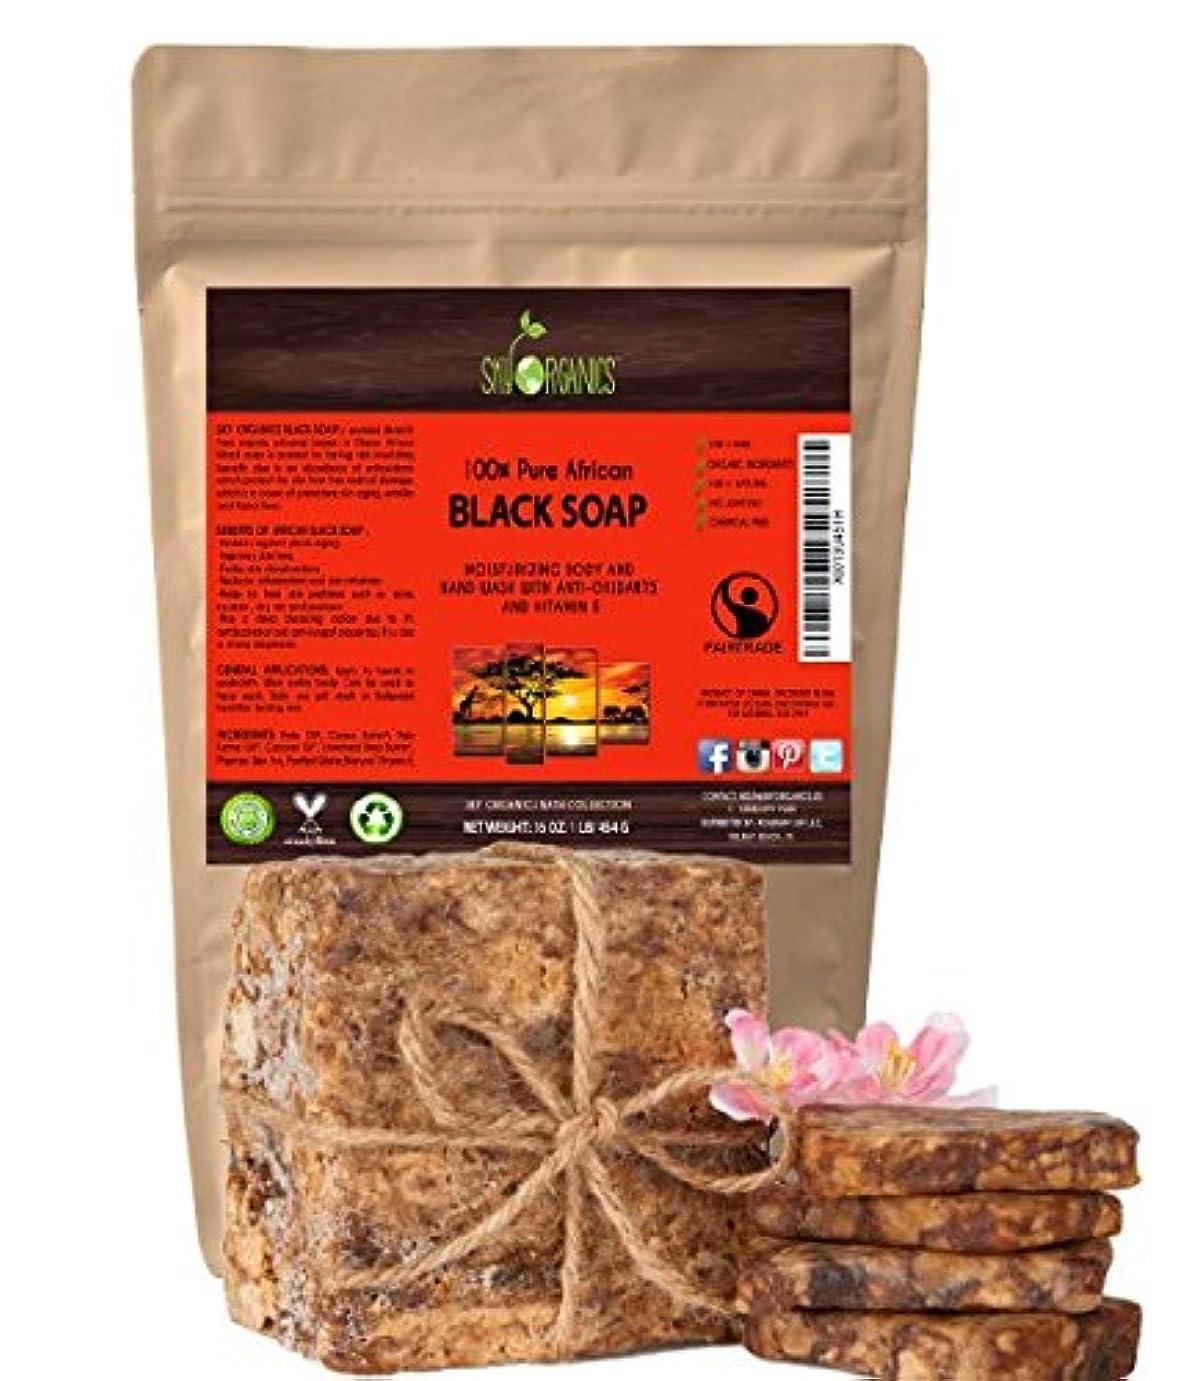 処分したゴージャスチョップ切って使う オーガニック アフリカン ブラックソープ (約4563gブロック)Organic African Black Soap (16oz block) - Raw Organic Soap Ideal for Acne...